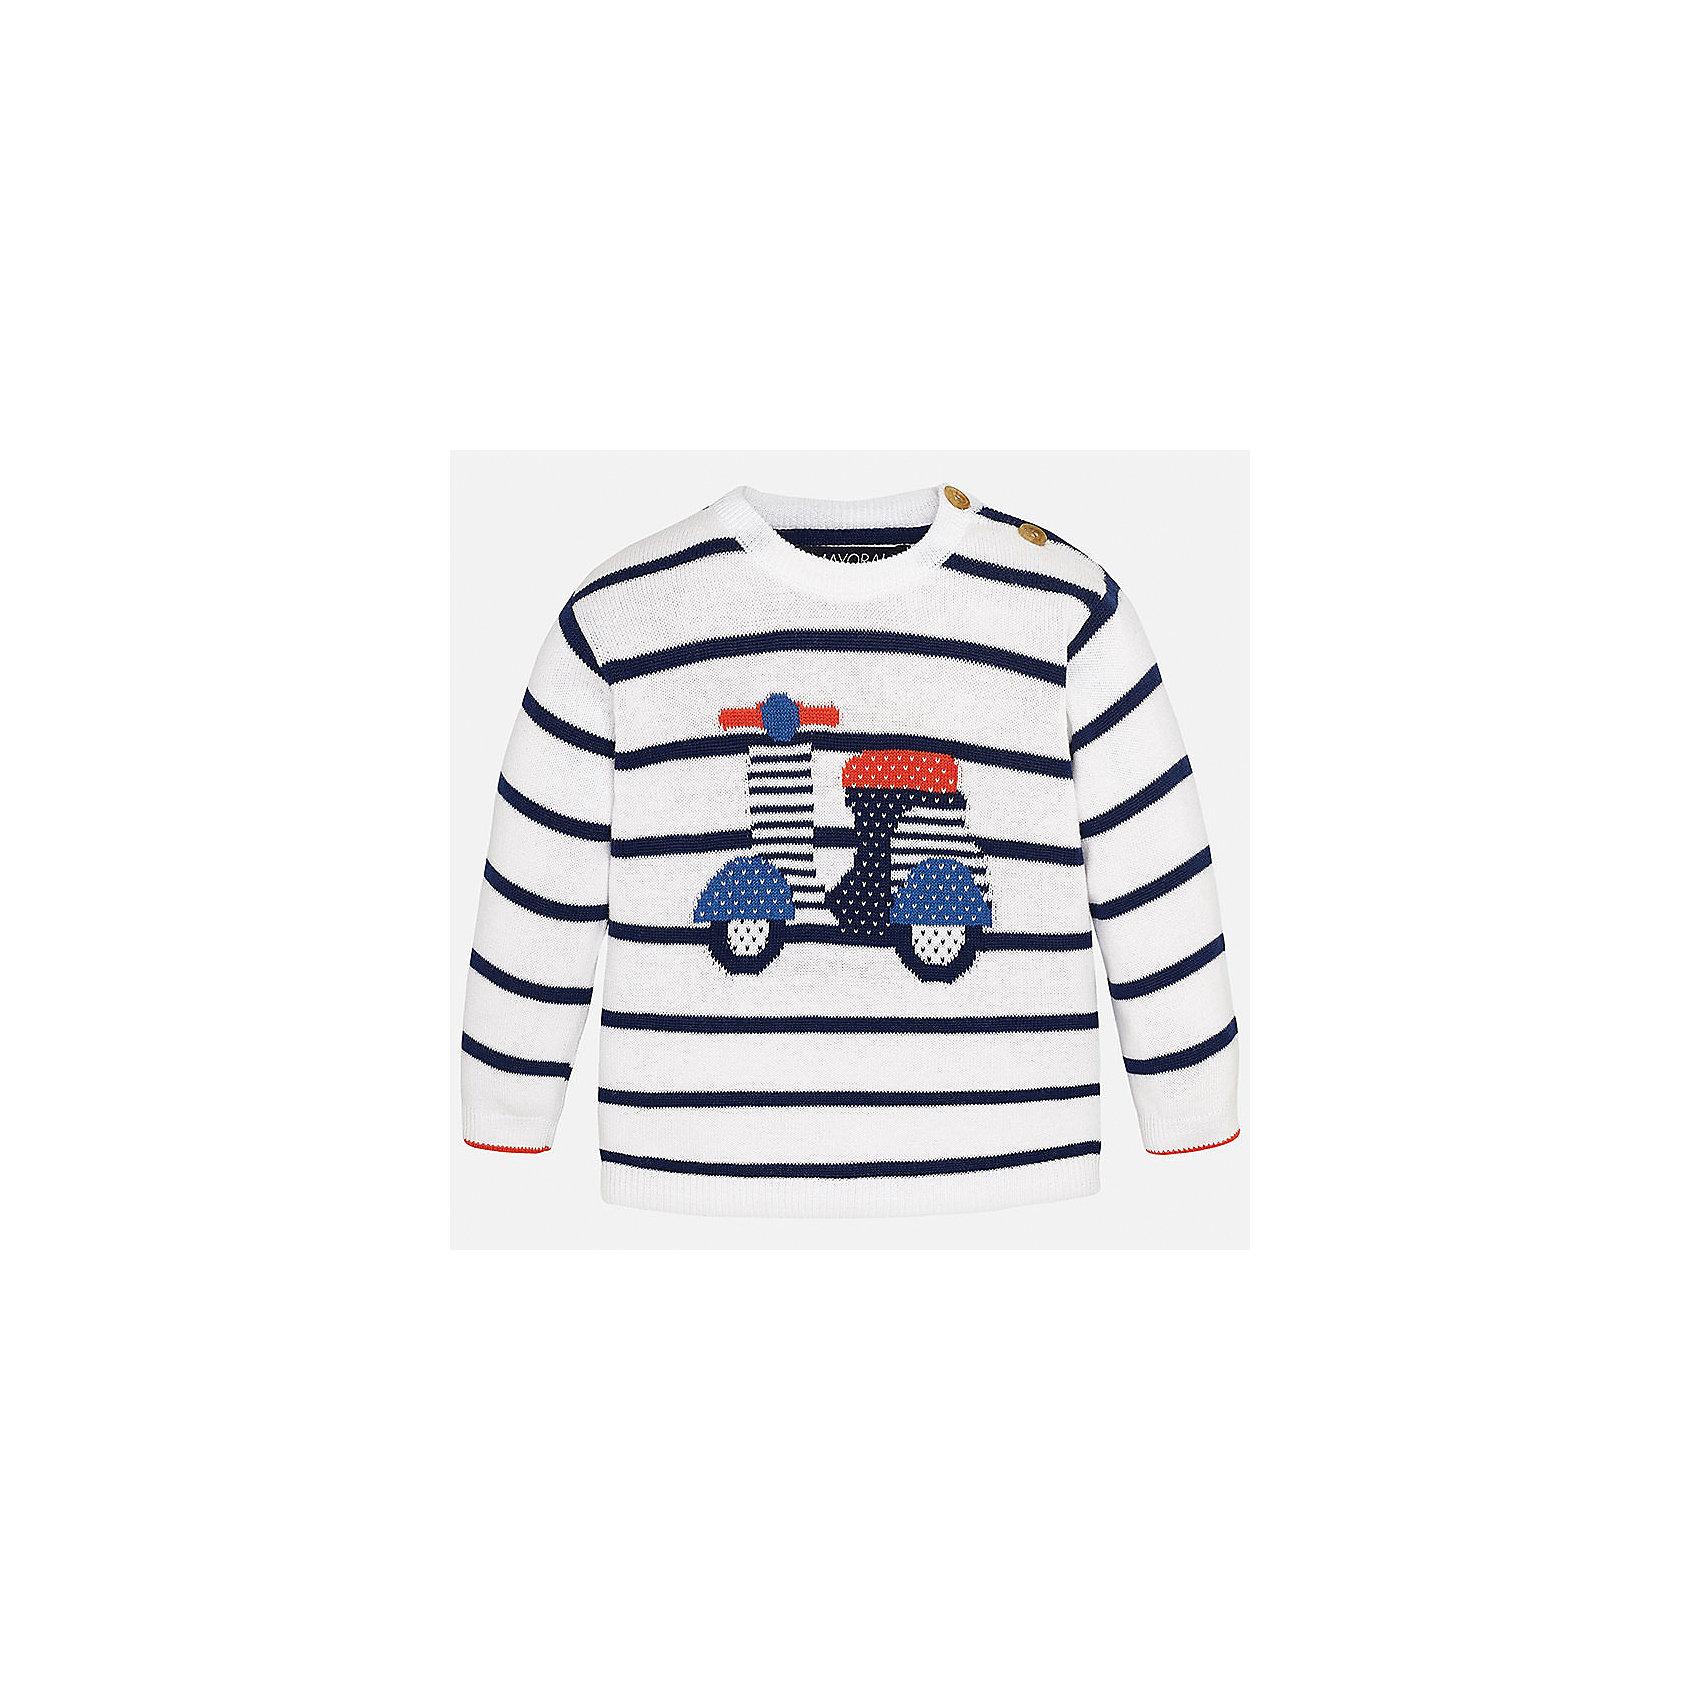 Свитер для мальчика MayoralСвитера и кардиганы<br>Характеристики товара:<br><br>• цвет: белый<br>• состав: 100% хлопок<br>• рукава длинные <br>• вязаный узор<br>• пуговицы возле горловины<br>• манжеты<br>• страна бренда: Испания<br><br>Удобный и красивый свитер для мальчика поможет разнообразить гардероб ребенка и обеспечить тепло. Он отлично сочетается и с джинсами, и с брюками. Универсальный цвет позволяет подобрать к вещи низ различных расцветок. Интересная отделка модели делает её нарядной и оригинальной. В составе материала - только натуральный хлопок, гипоаллергенный, приятный на ощупь, дышащий.<br><br>Одежда, обувь и аксессуары от испанского бренда Mayoral полюбились детям и взрослым по всему миру. Модели этой марки - стильные и удобные. Для их производства используются только безопасные, качественные материалы и фурнитура. Порадуйте ребенка модными и красивыми вещами от Mayoral! <br><br>Свитер для мальчика от испанского бренда Mayoral (Майорал) можно купить в нашем интернет-магазине.<br><br>Ширина мм: 190<br>Глубина мм: 74<br>Высота мм: 229<br>Вес г: 236<br>Цвет: белый<br>Возраст от месяцев: 18<br>Возраст до месяцев: 24<br>Пол: Мужской<br>Возраст: Детский<br>Размер: 92,86,80<br>SKU: 5279545